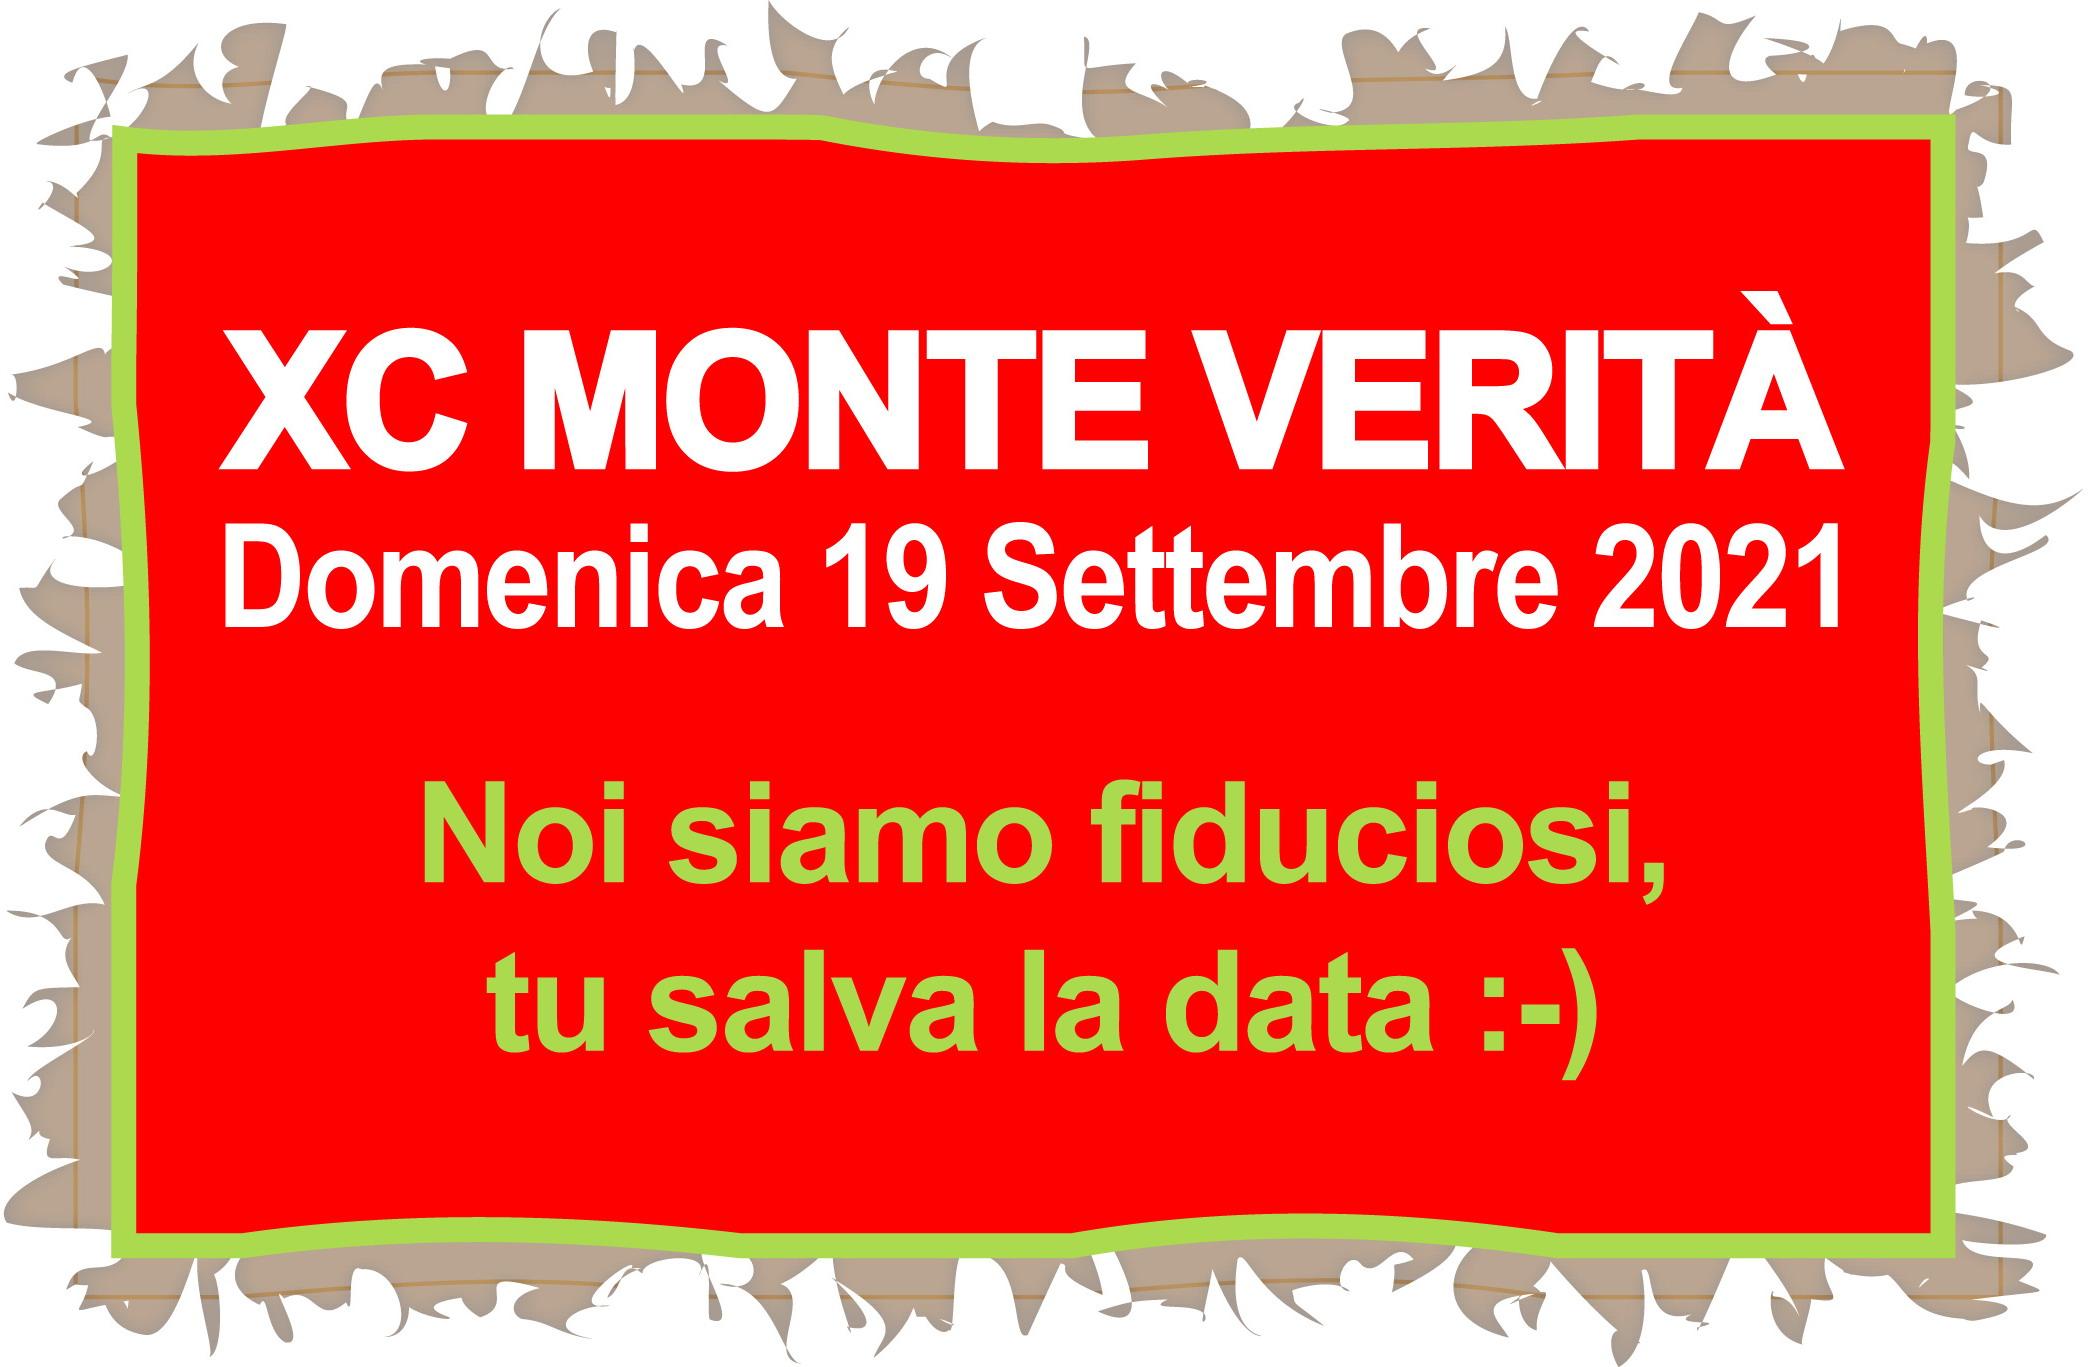 XC MONTE VERITA' 2021